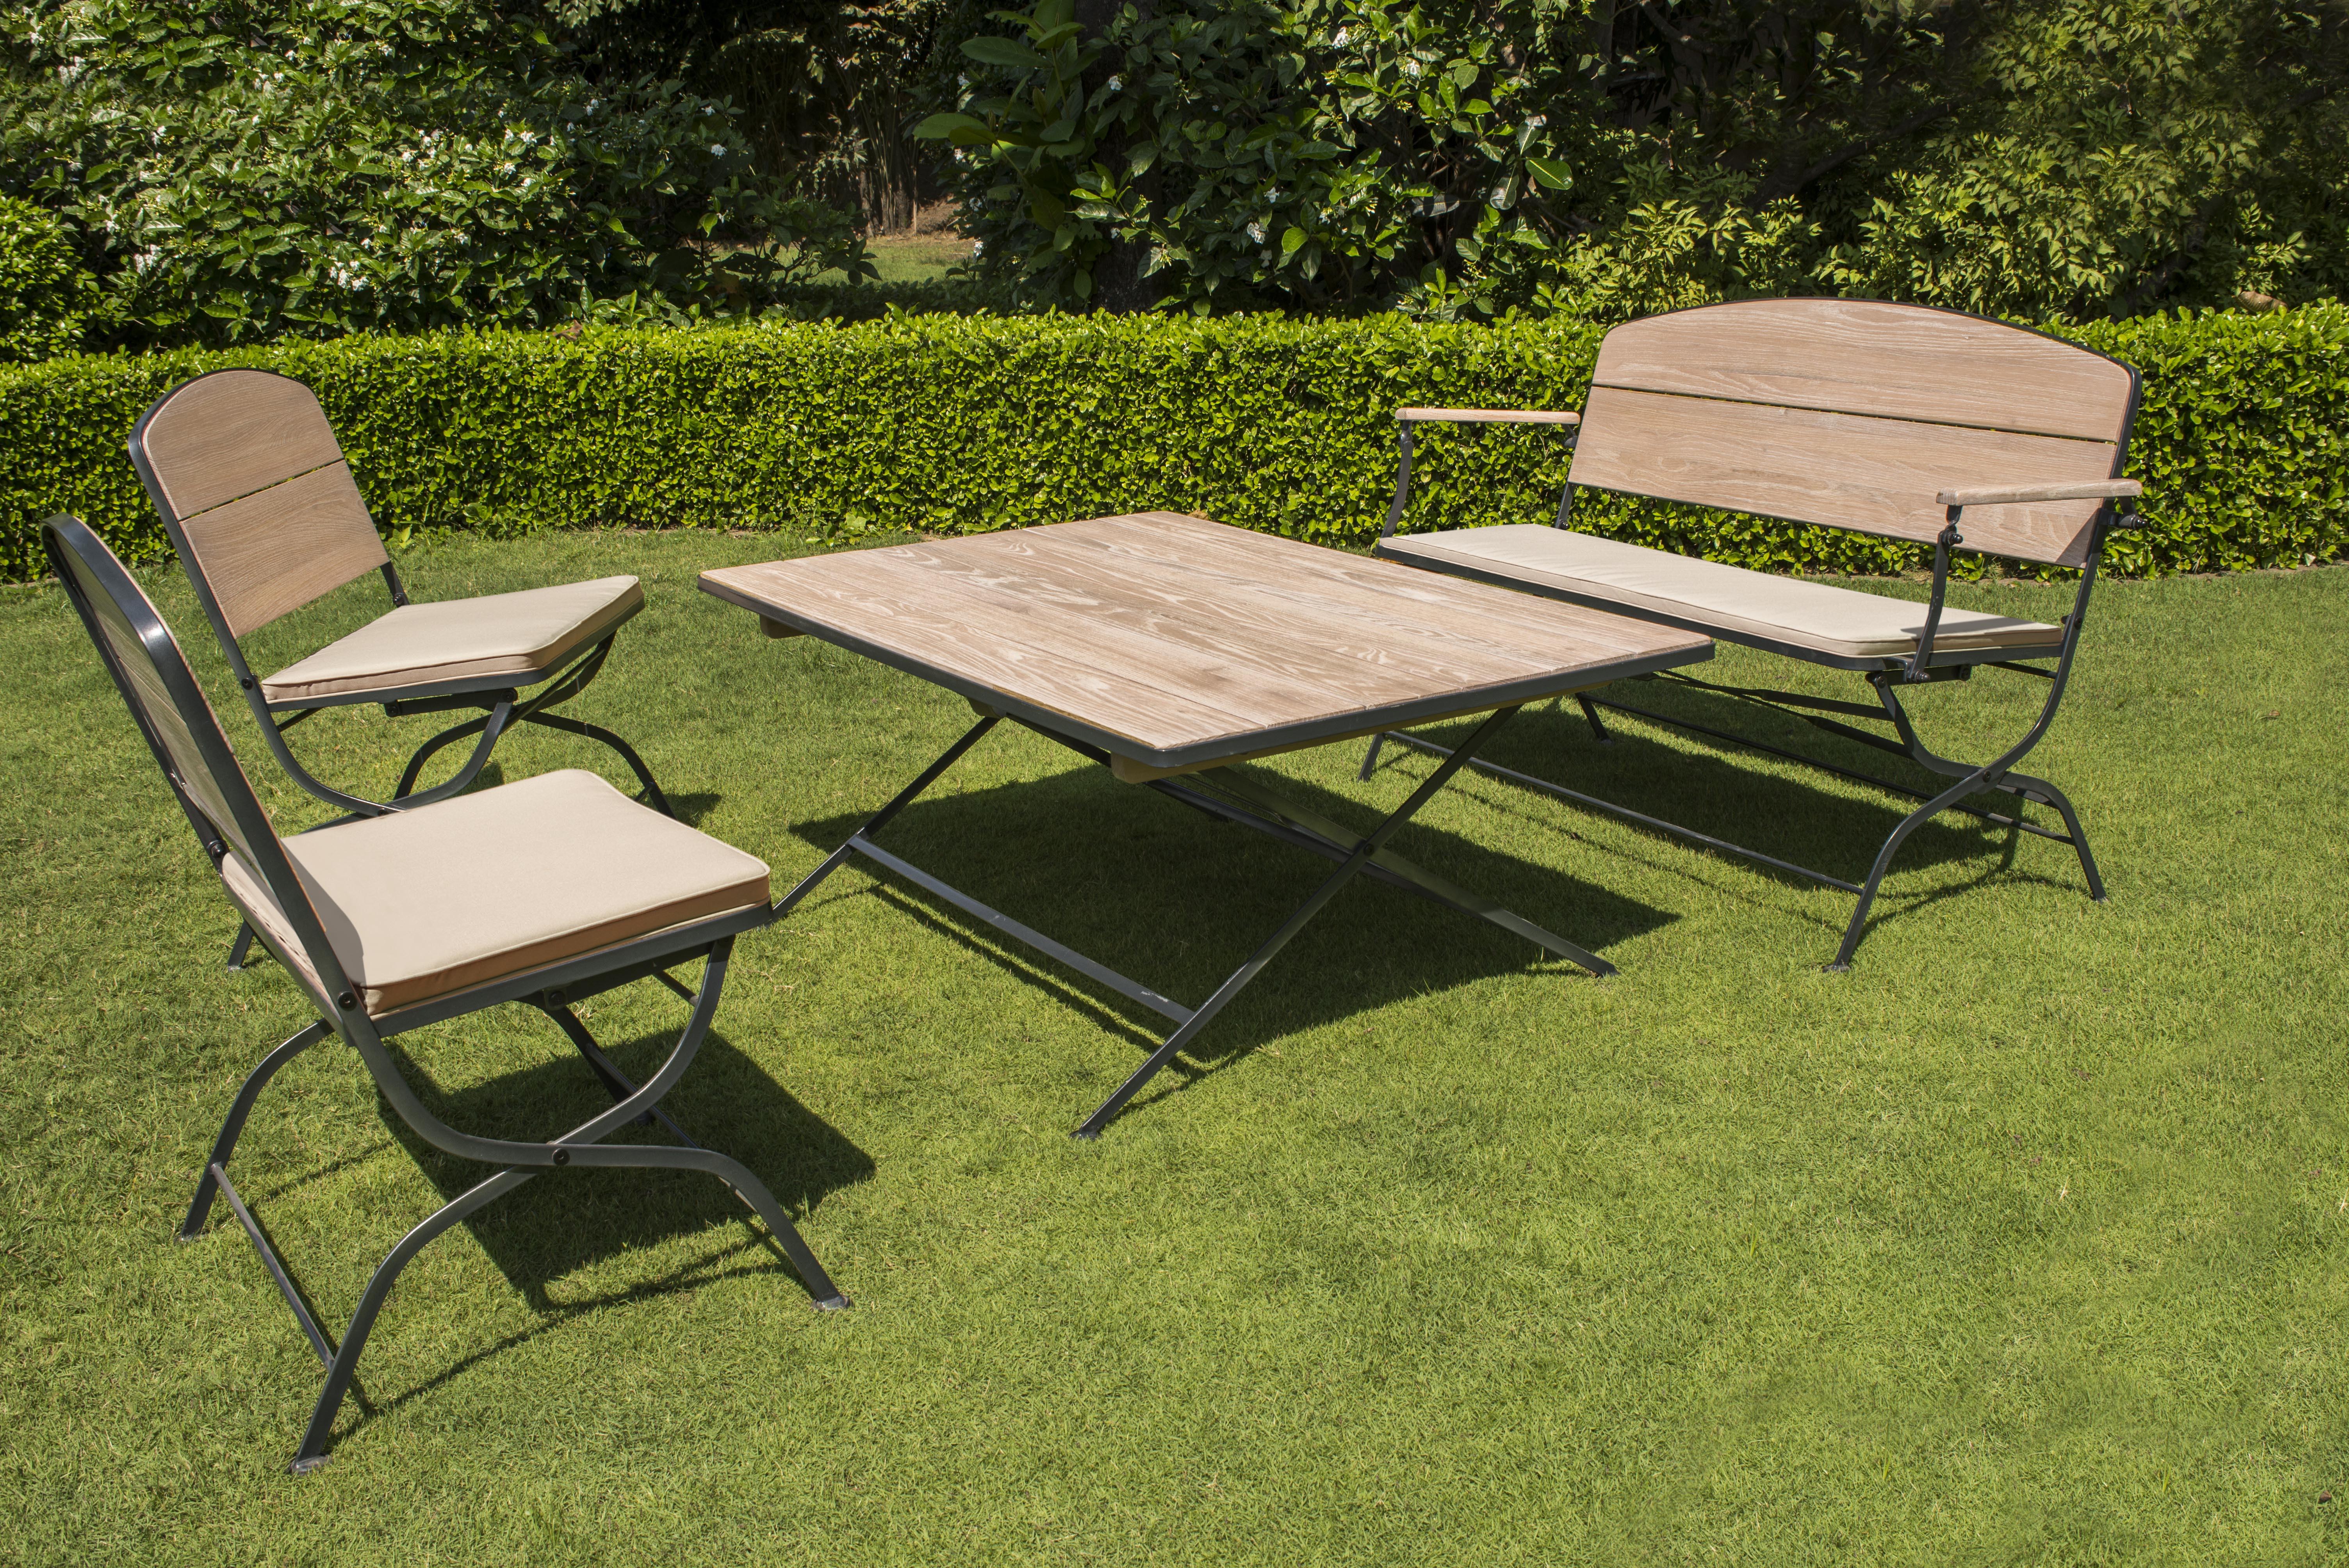 Coffre Banc De Jardin Leroy Merlin Nouveau Collection Banc Exterieur Leroy Merlin Idée Sur Le G Te – Sullivanmaxx